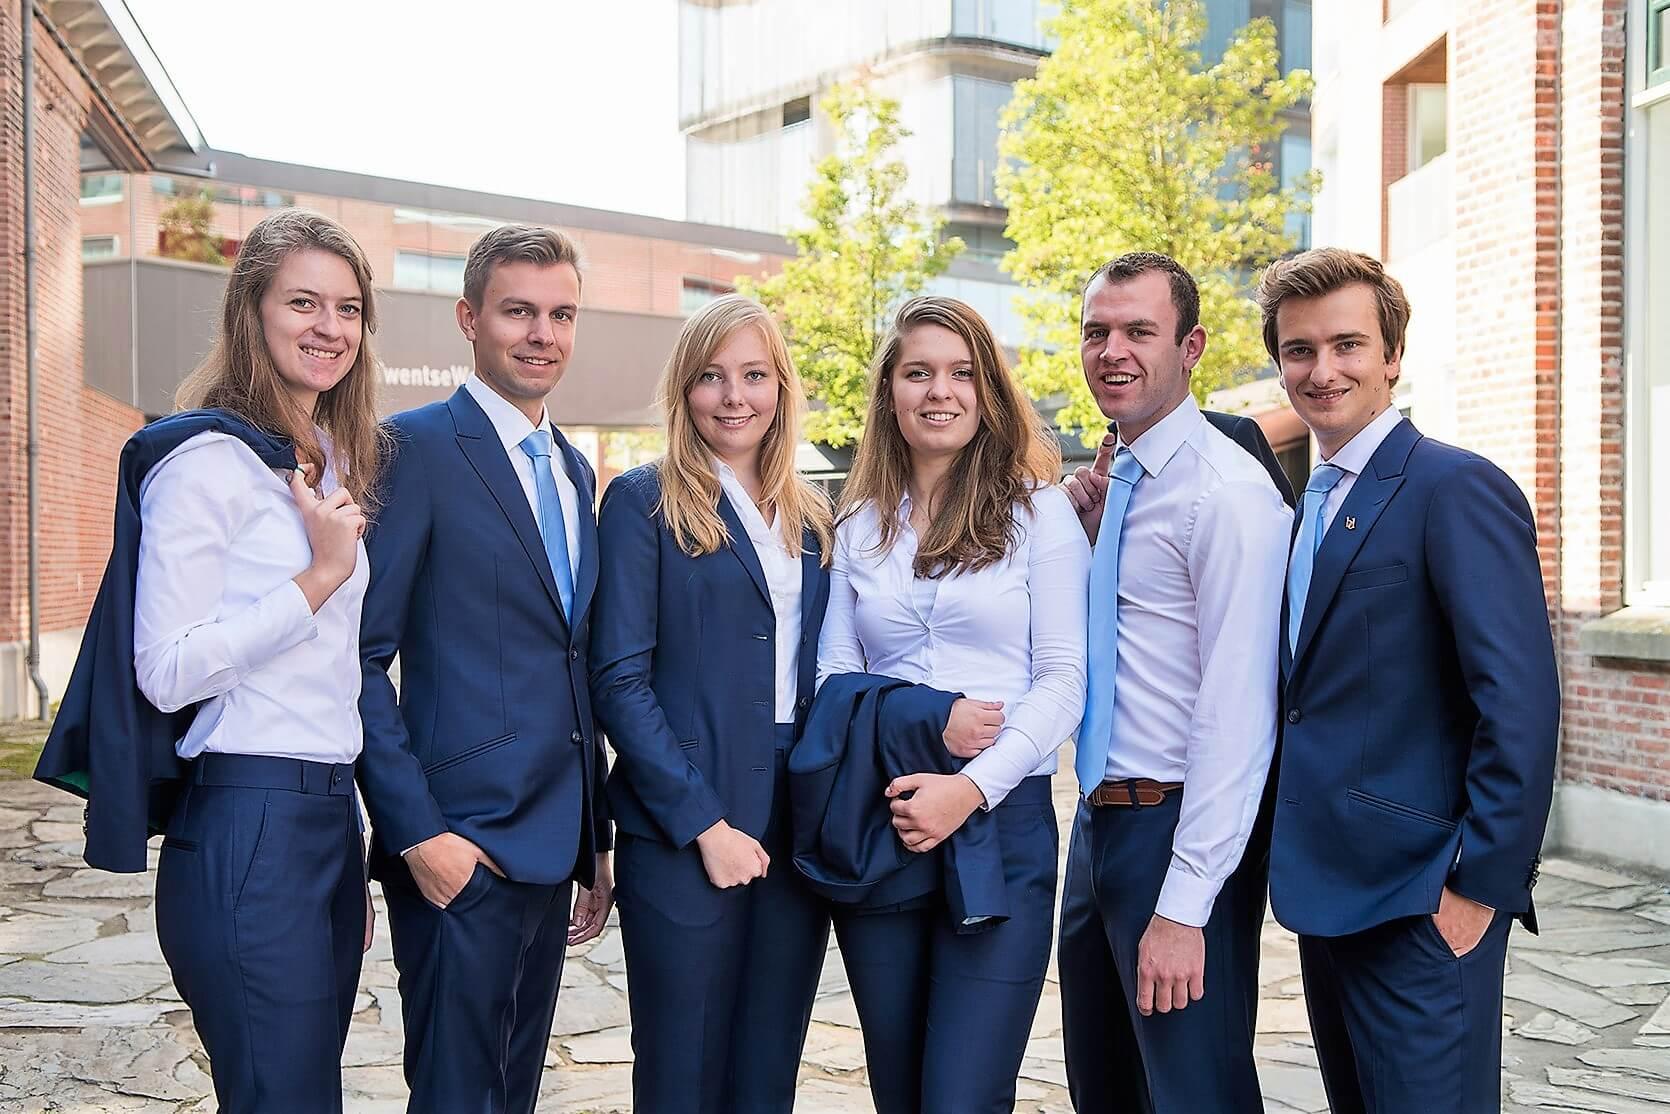 Bedrijvendagen Twente Bestuur 2017 - 1 Pak Student Bestuur Vereniging De Oost Bespoke Academy.jpg